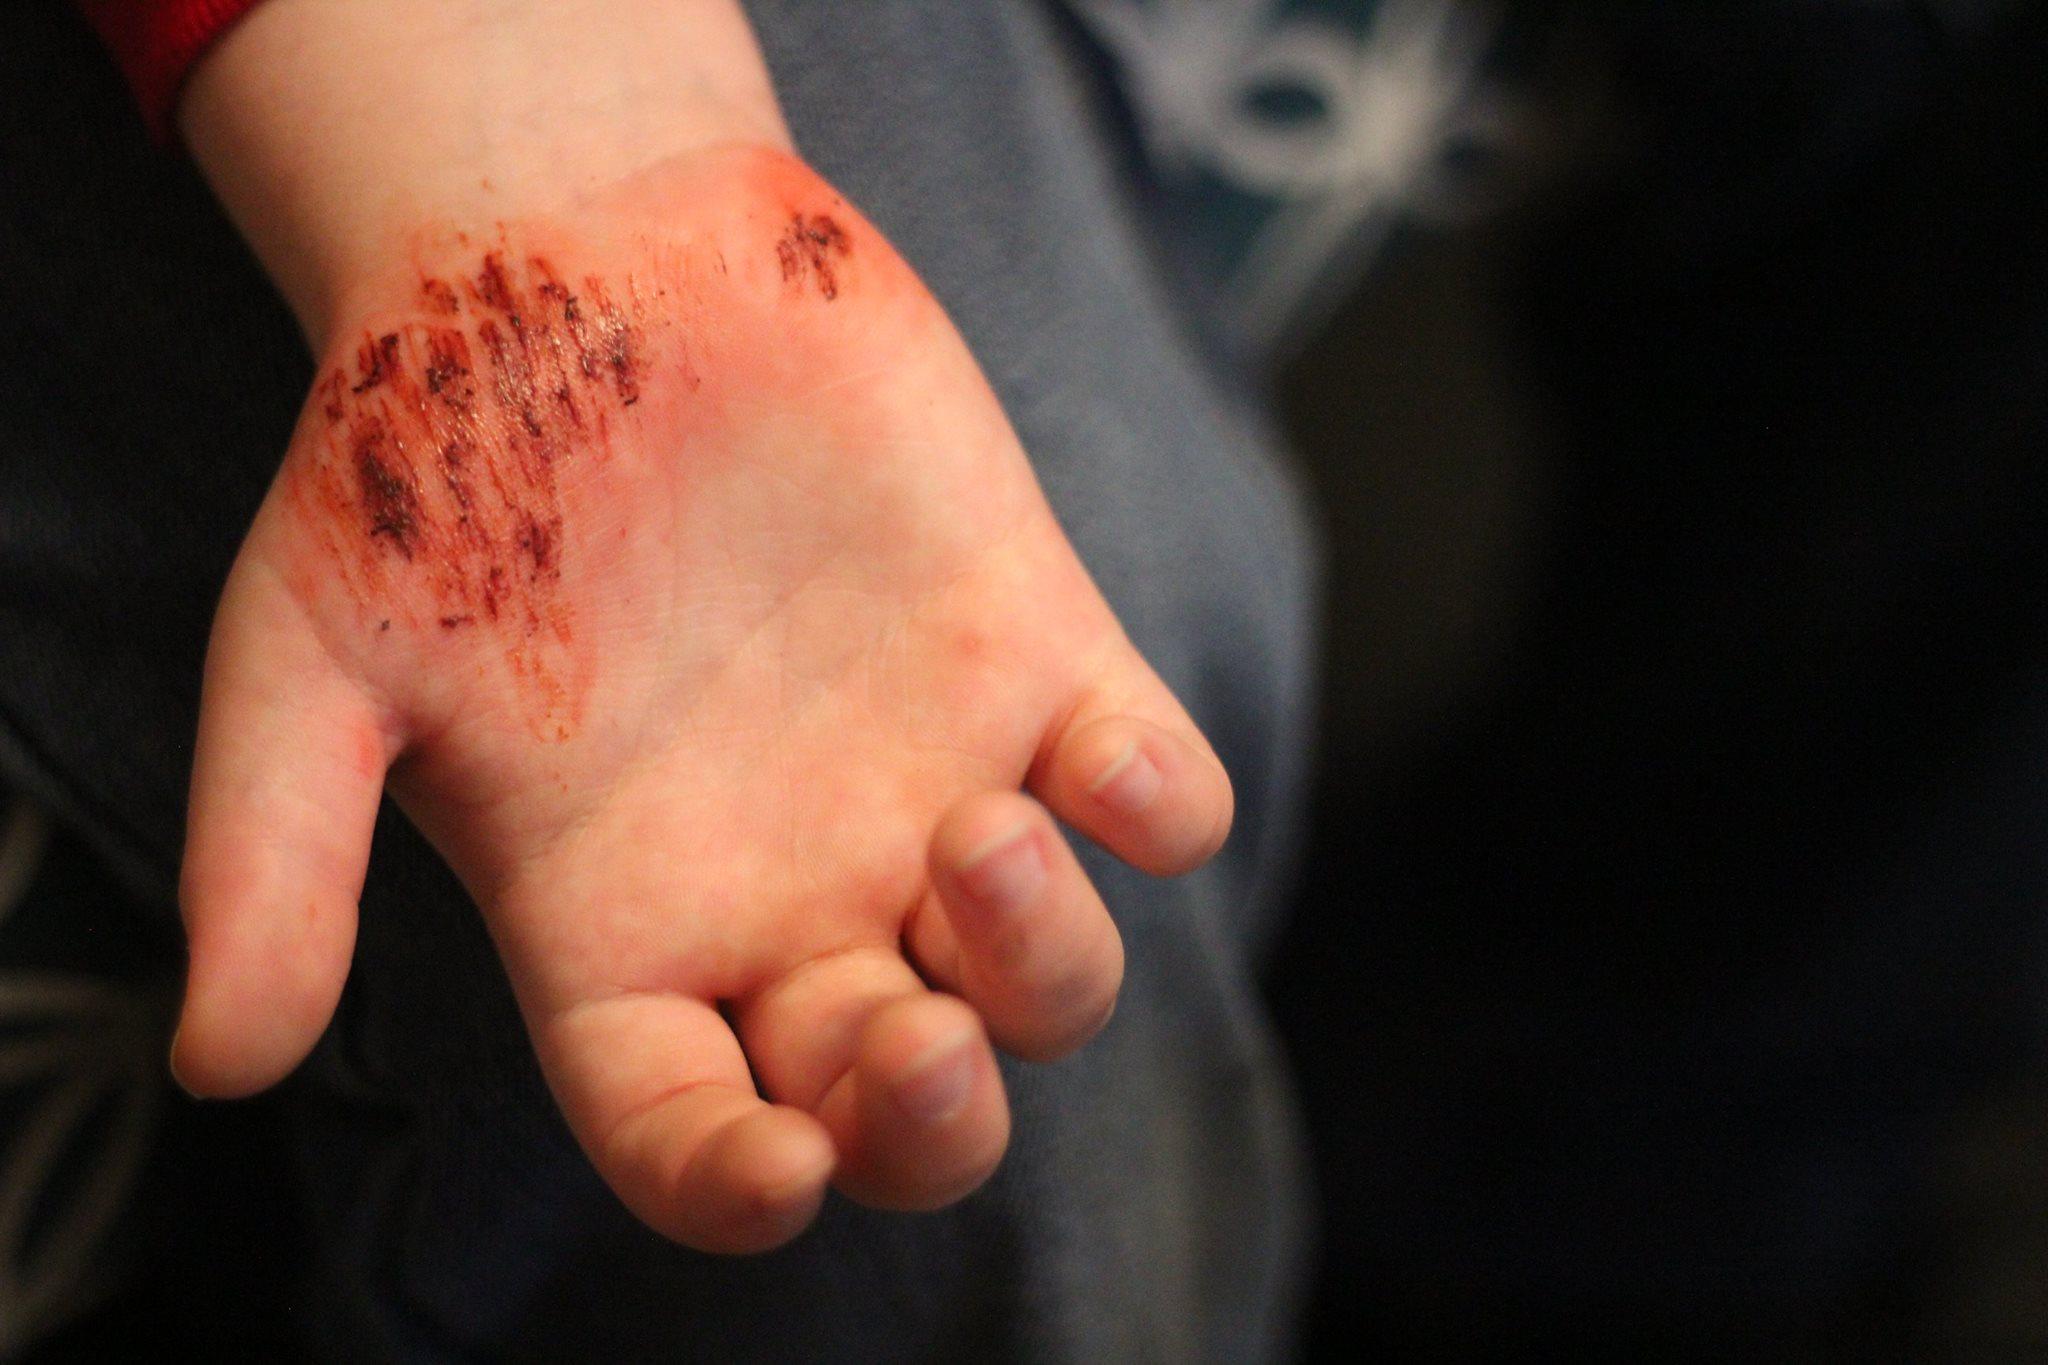 Scratch Wound